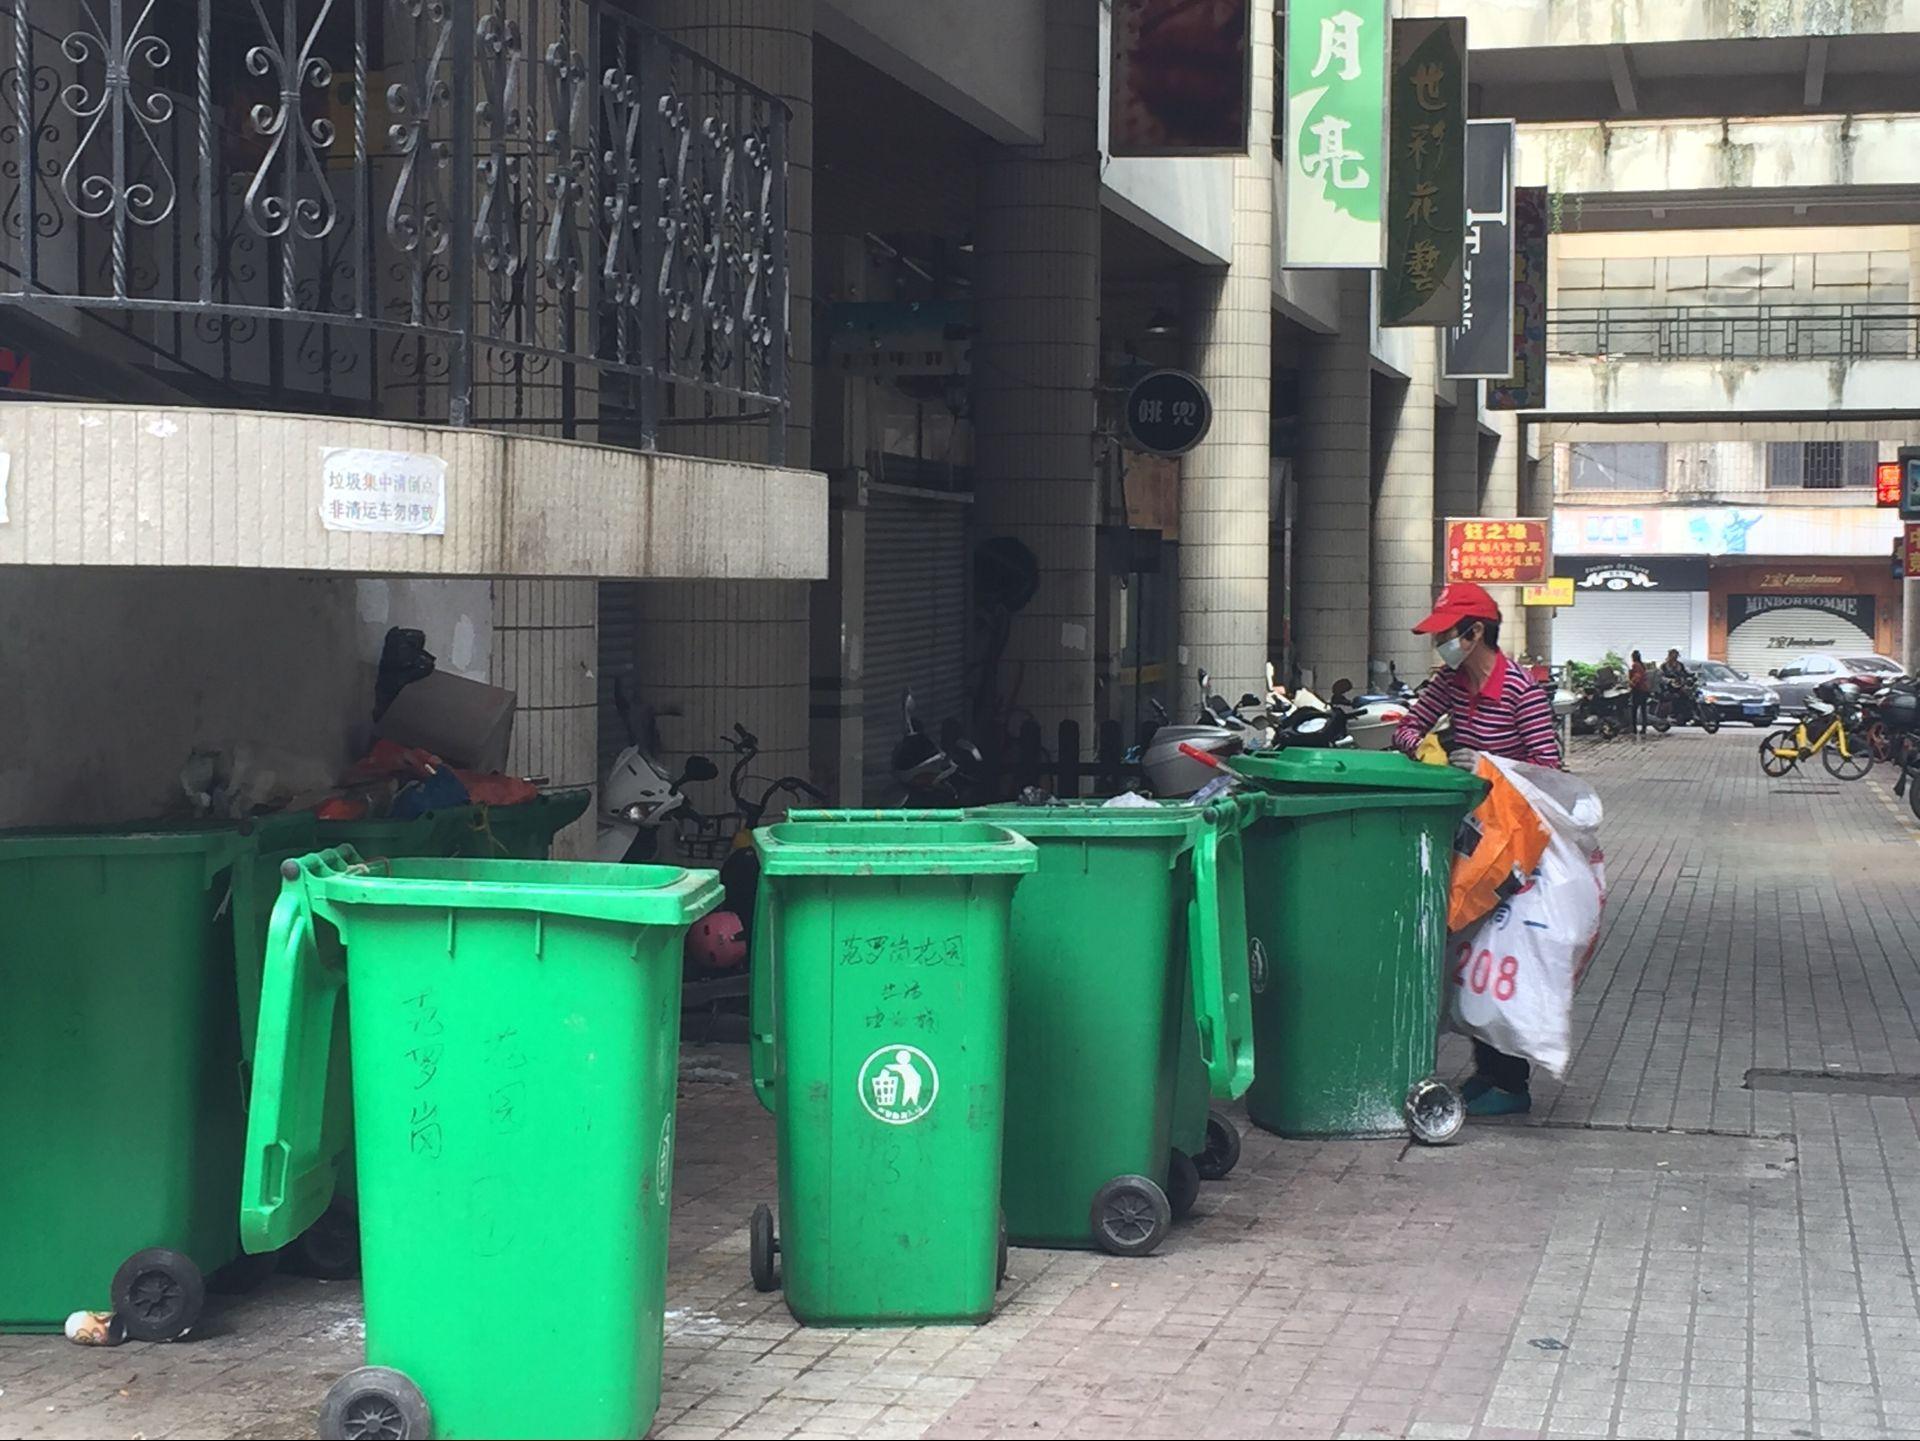 居民区内私设临时垃圾集中点 扰民黑点惹人烦